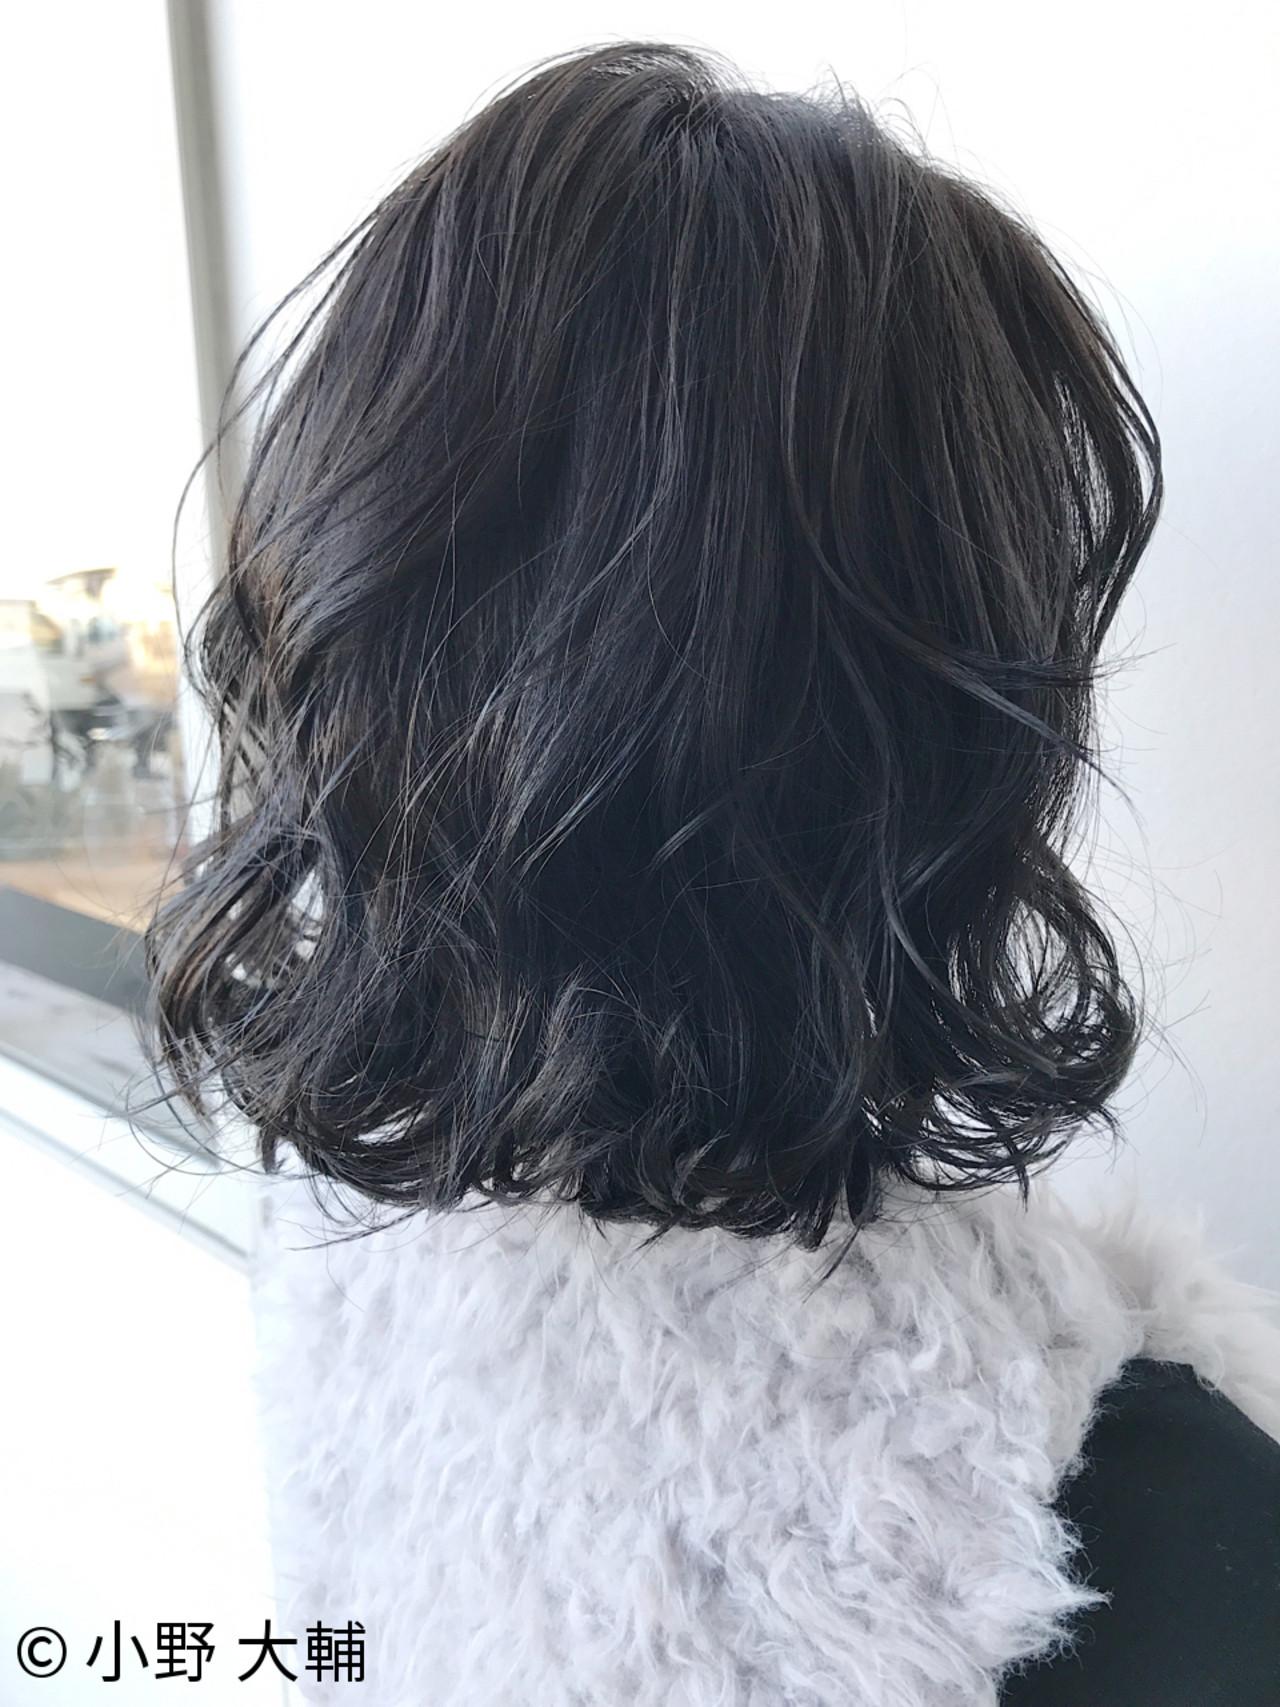 冬 ボブ アッシュ ナチュラル ヘアスタイルや髪型の写真・画像 | 小野 大輔 / OHIA  for plumeria